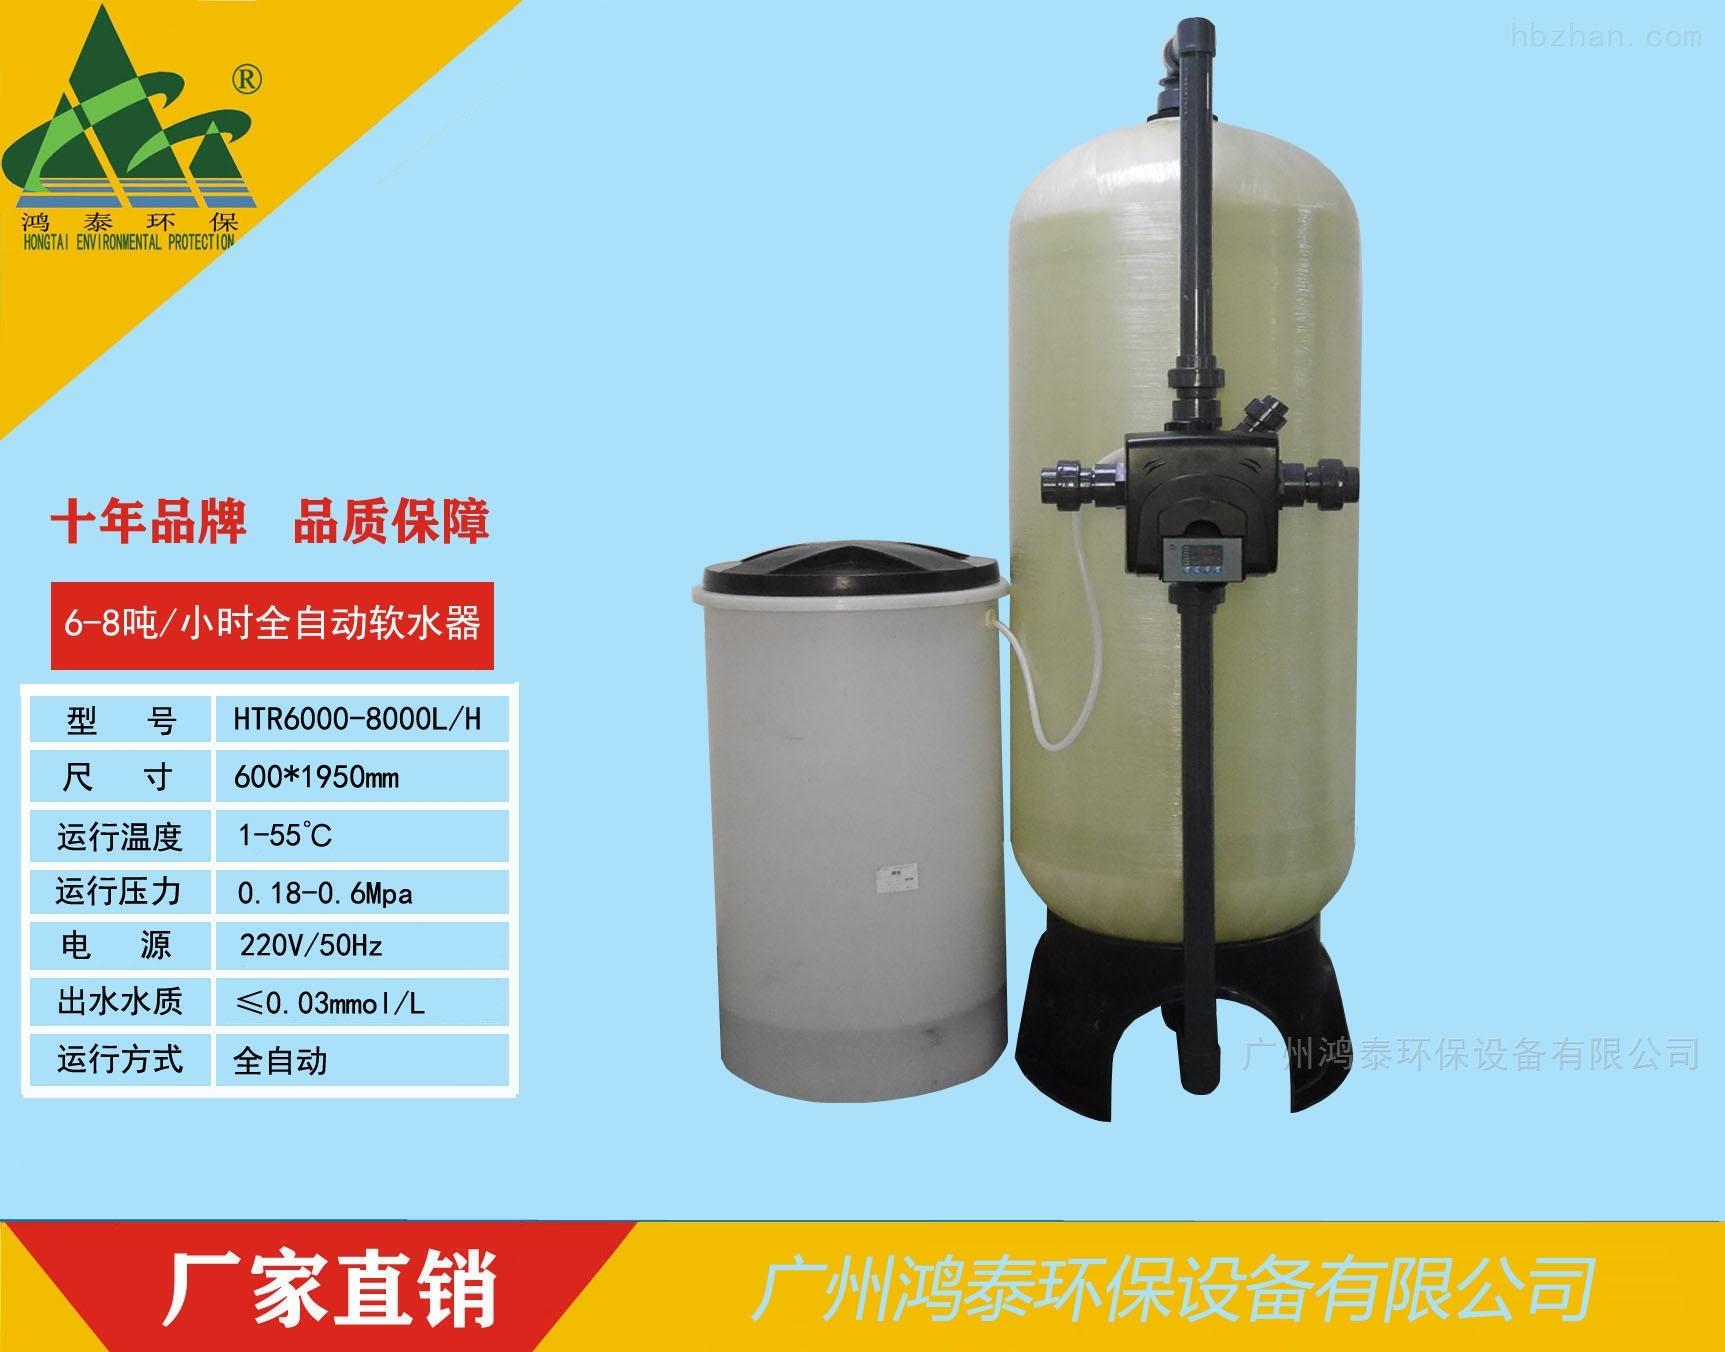 6-8吨/小时软化水设备